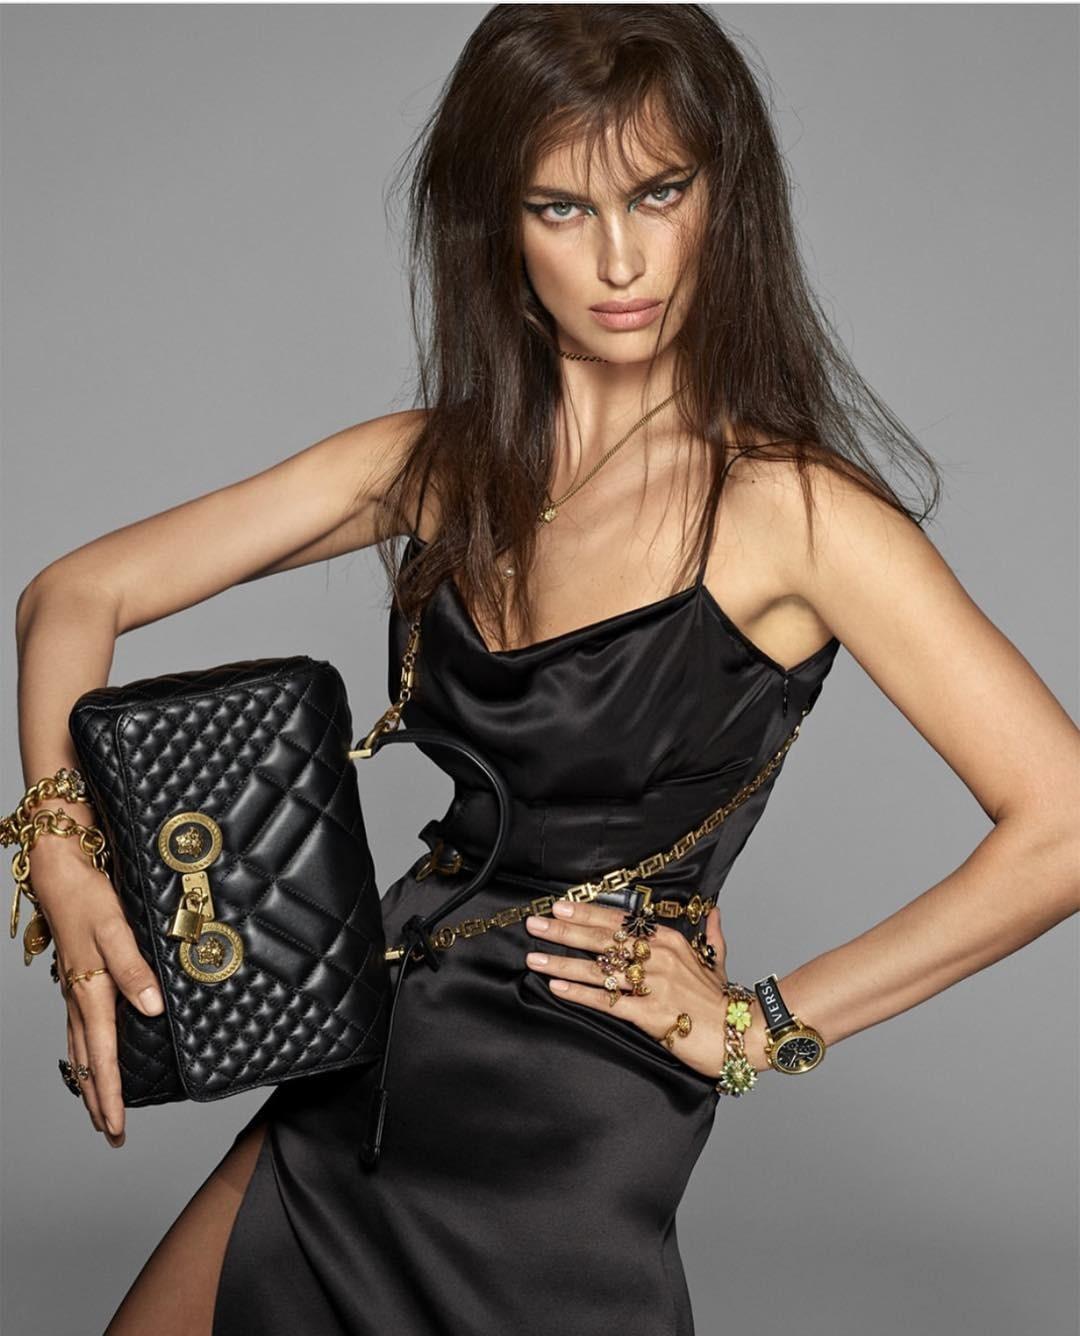 Ирина Шейк назвала пять вещей, которые должны быть в гардеробе каждой женщины